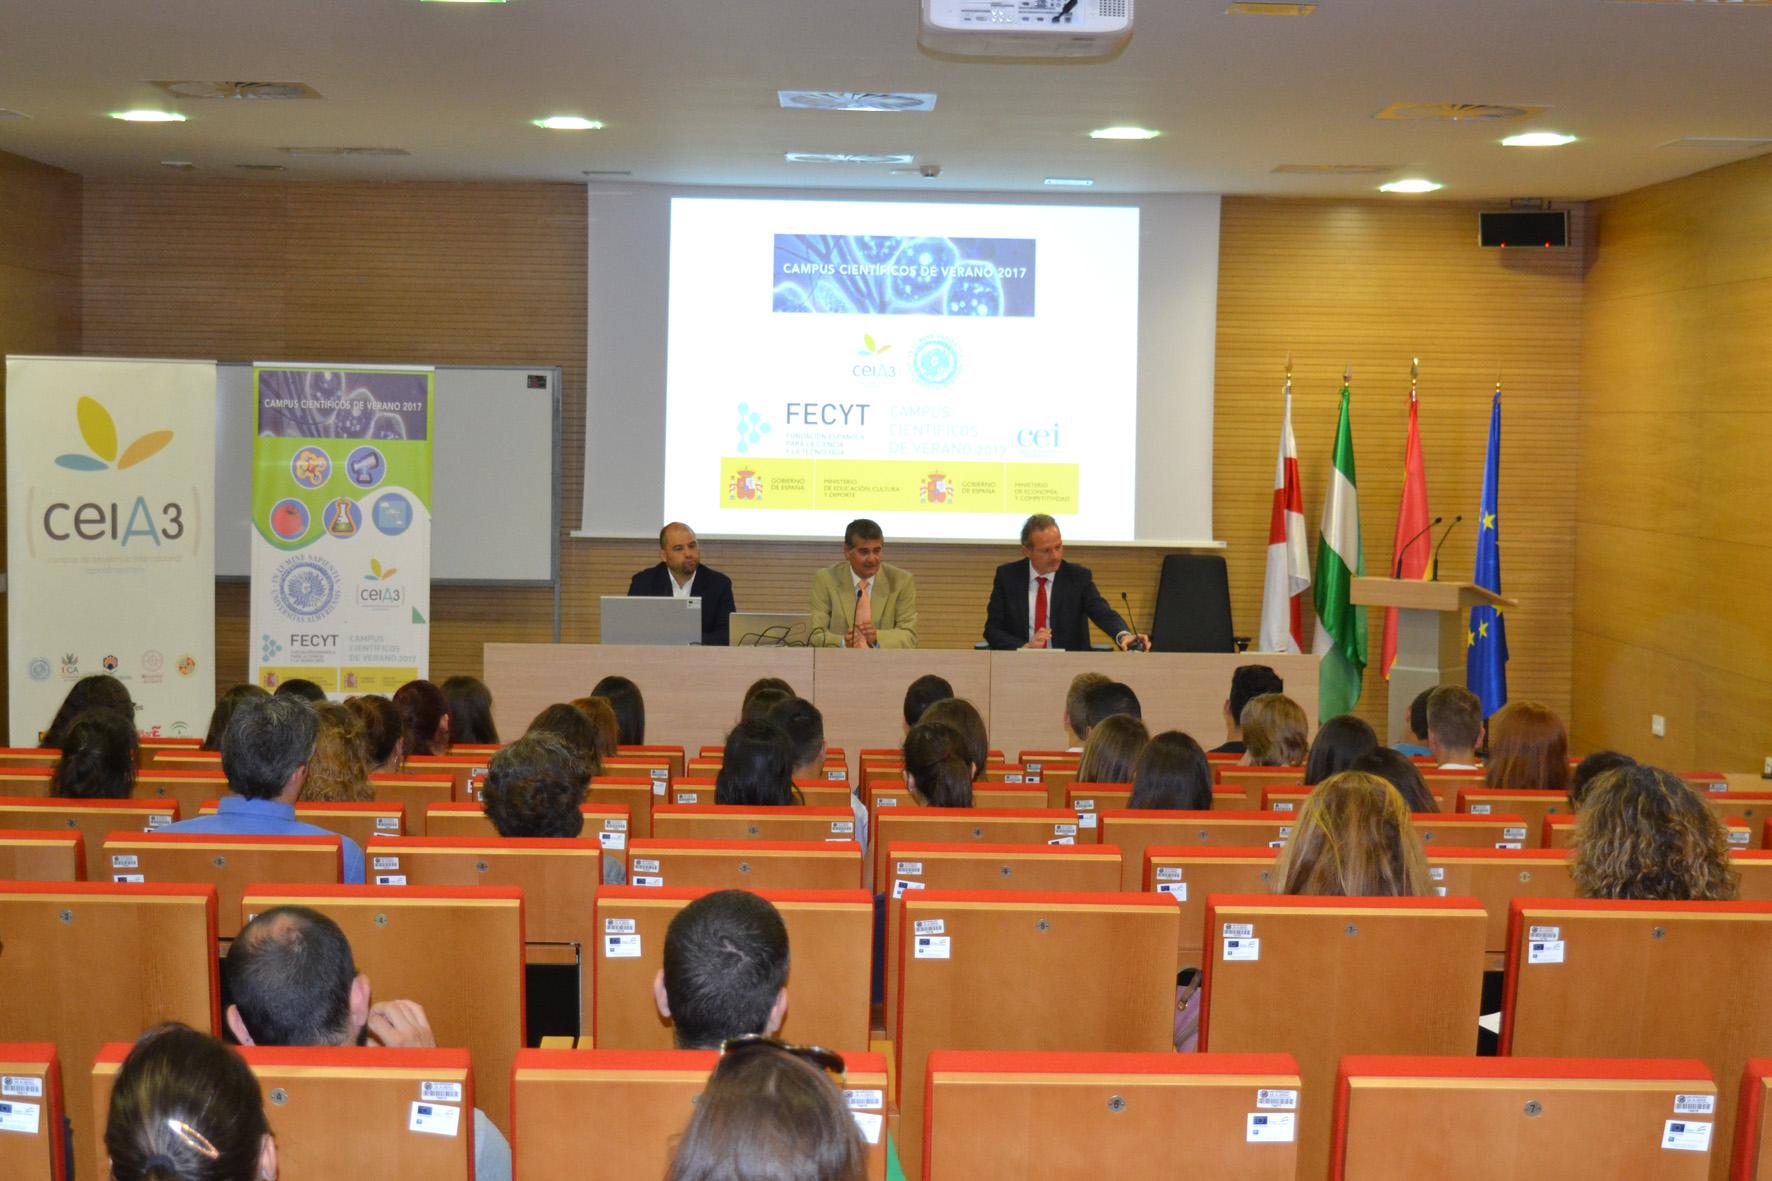 Inaugurado el Campus Científico de Verano que se celebrará en la UAL durante el mes de julio